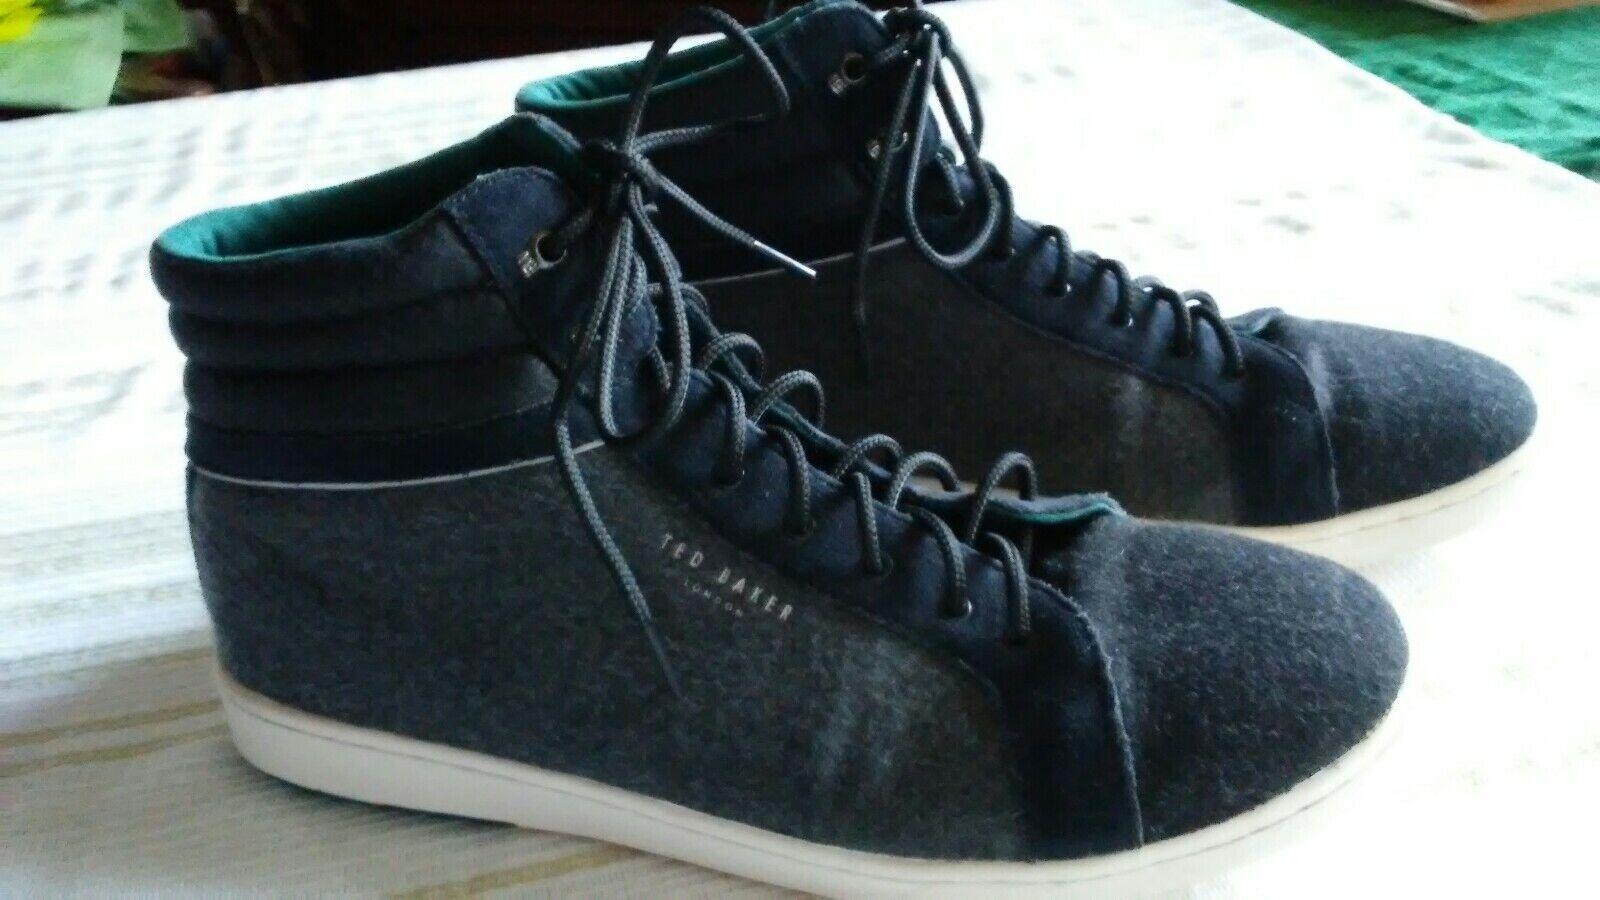 Ted Baker Tyroen High-Top Wool & Suede Sneakers Grey & Black EUC size11.5